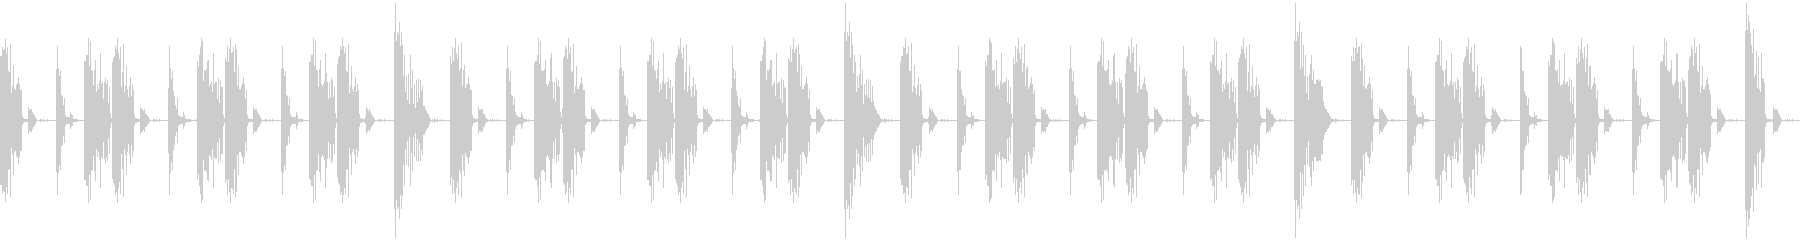 シンプルなヒップホップ系のビートの未再生の波形